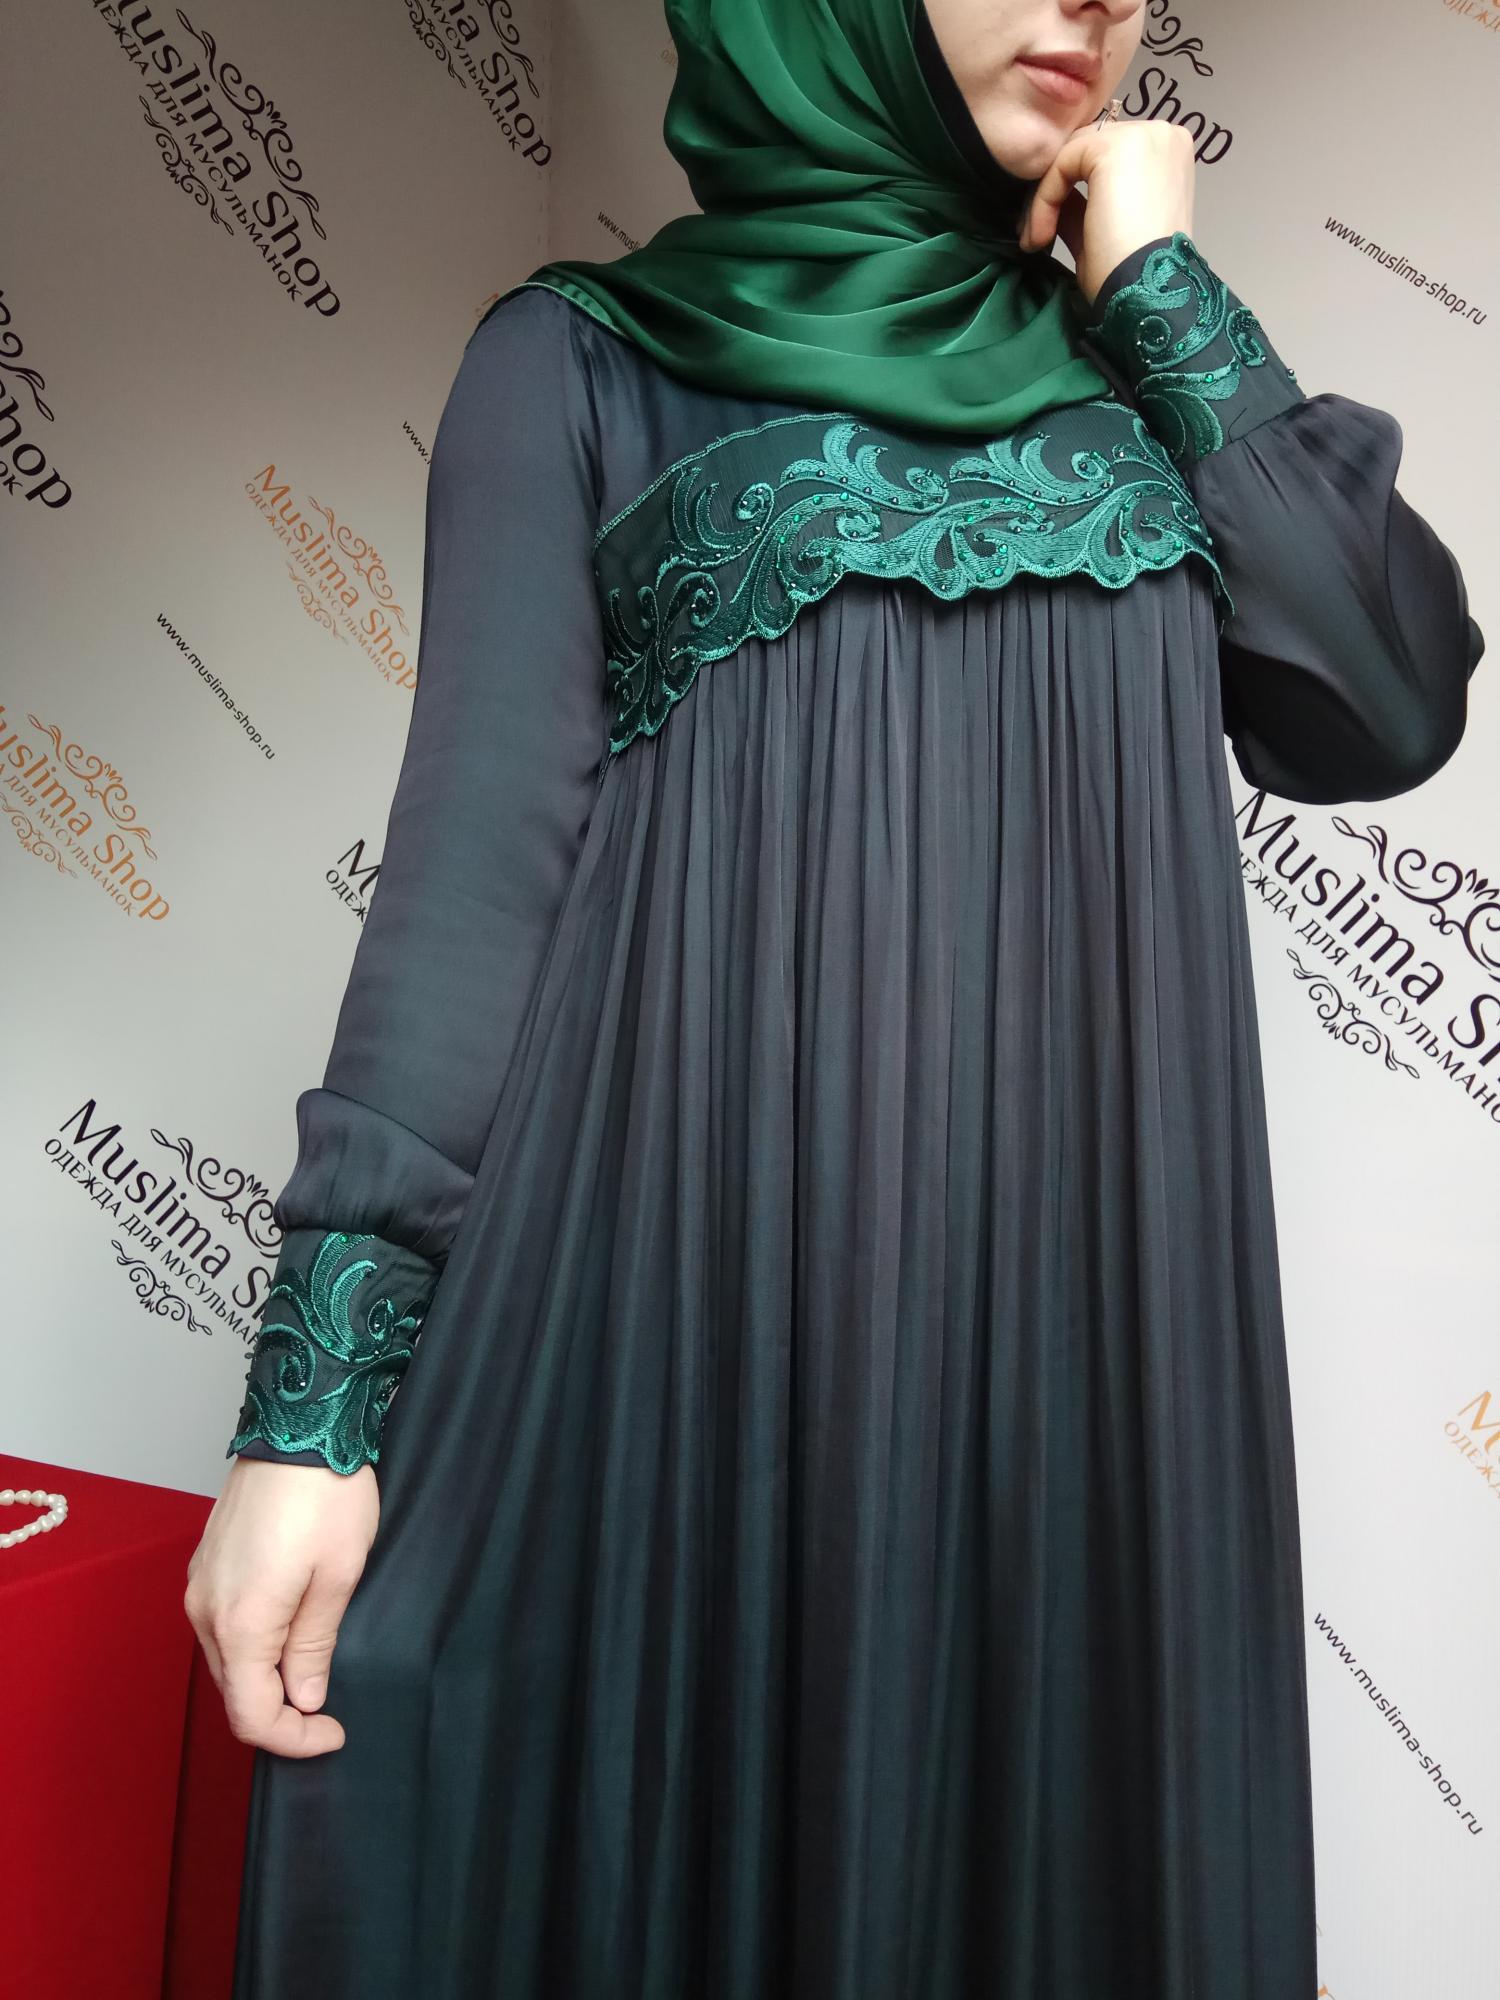 Исламский платья в махачкале